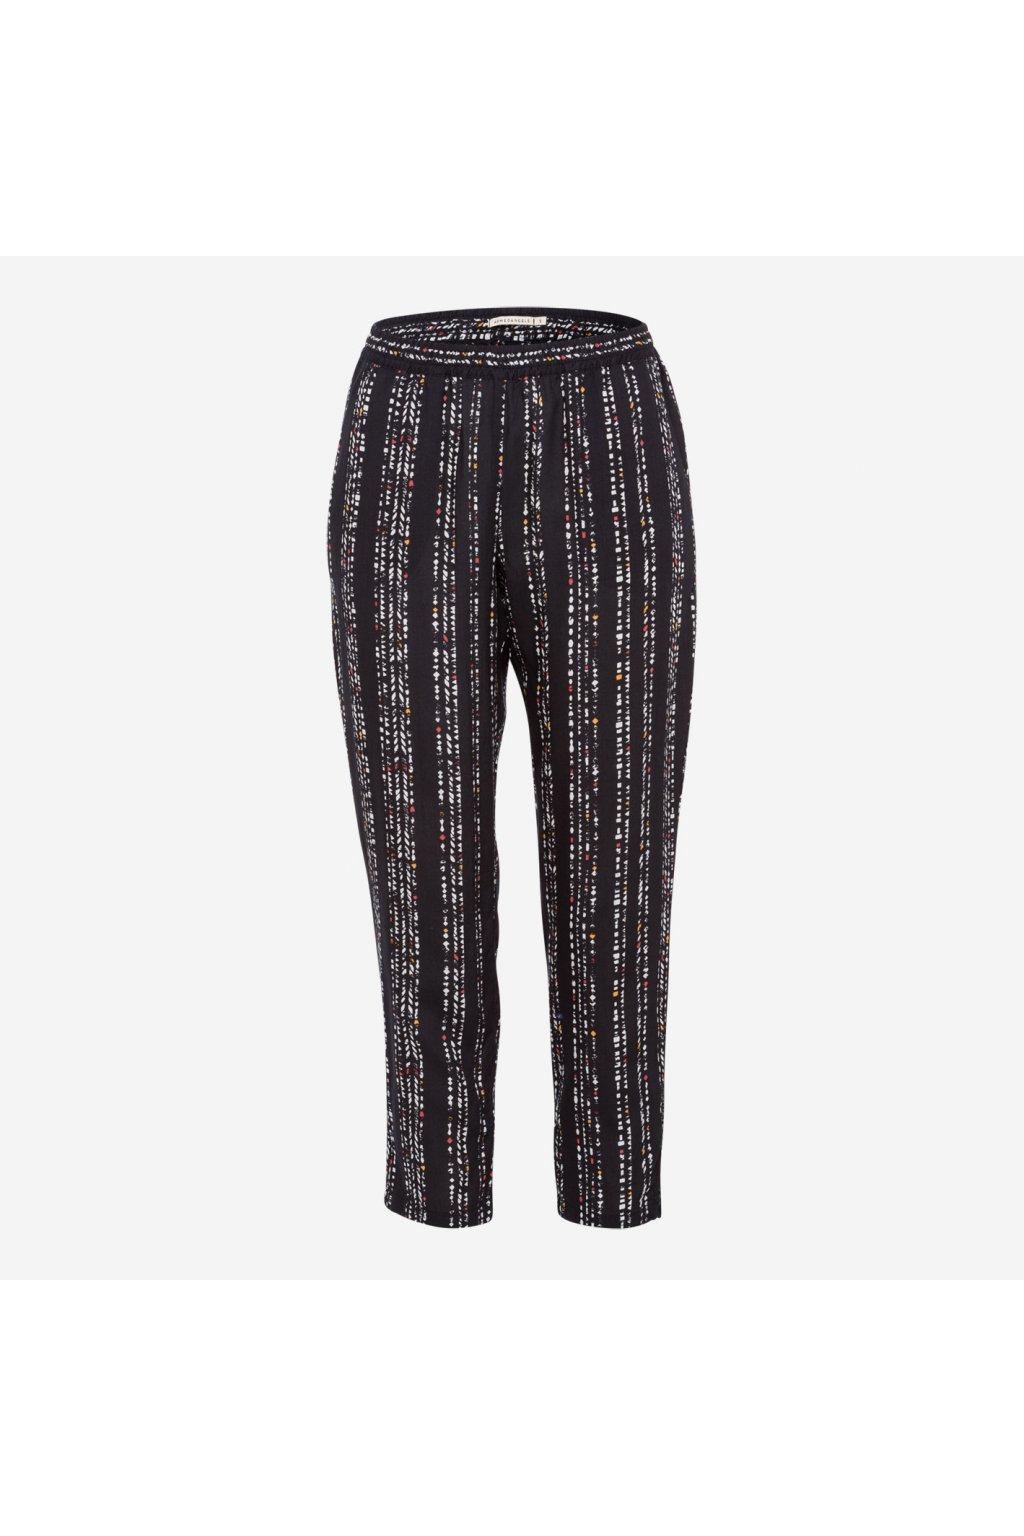 """Dámské vzorované kalhoty """"Vera Traces"""" (Velikost M)"""